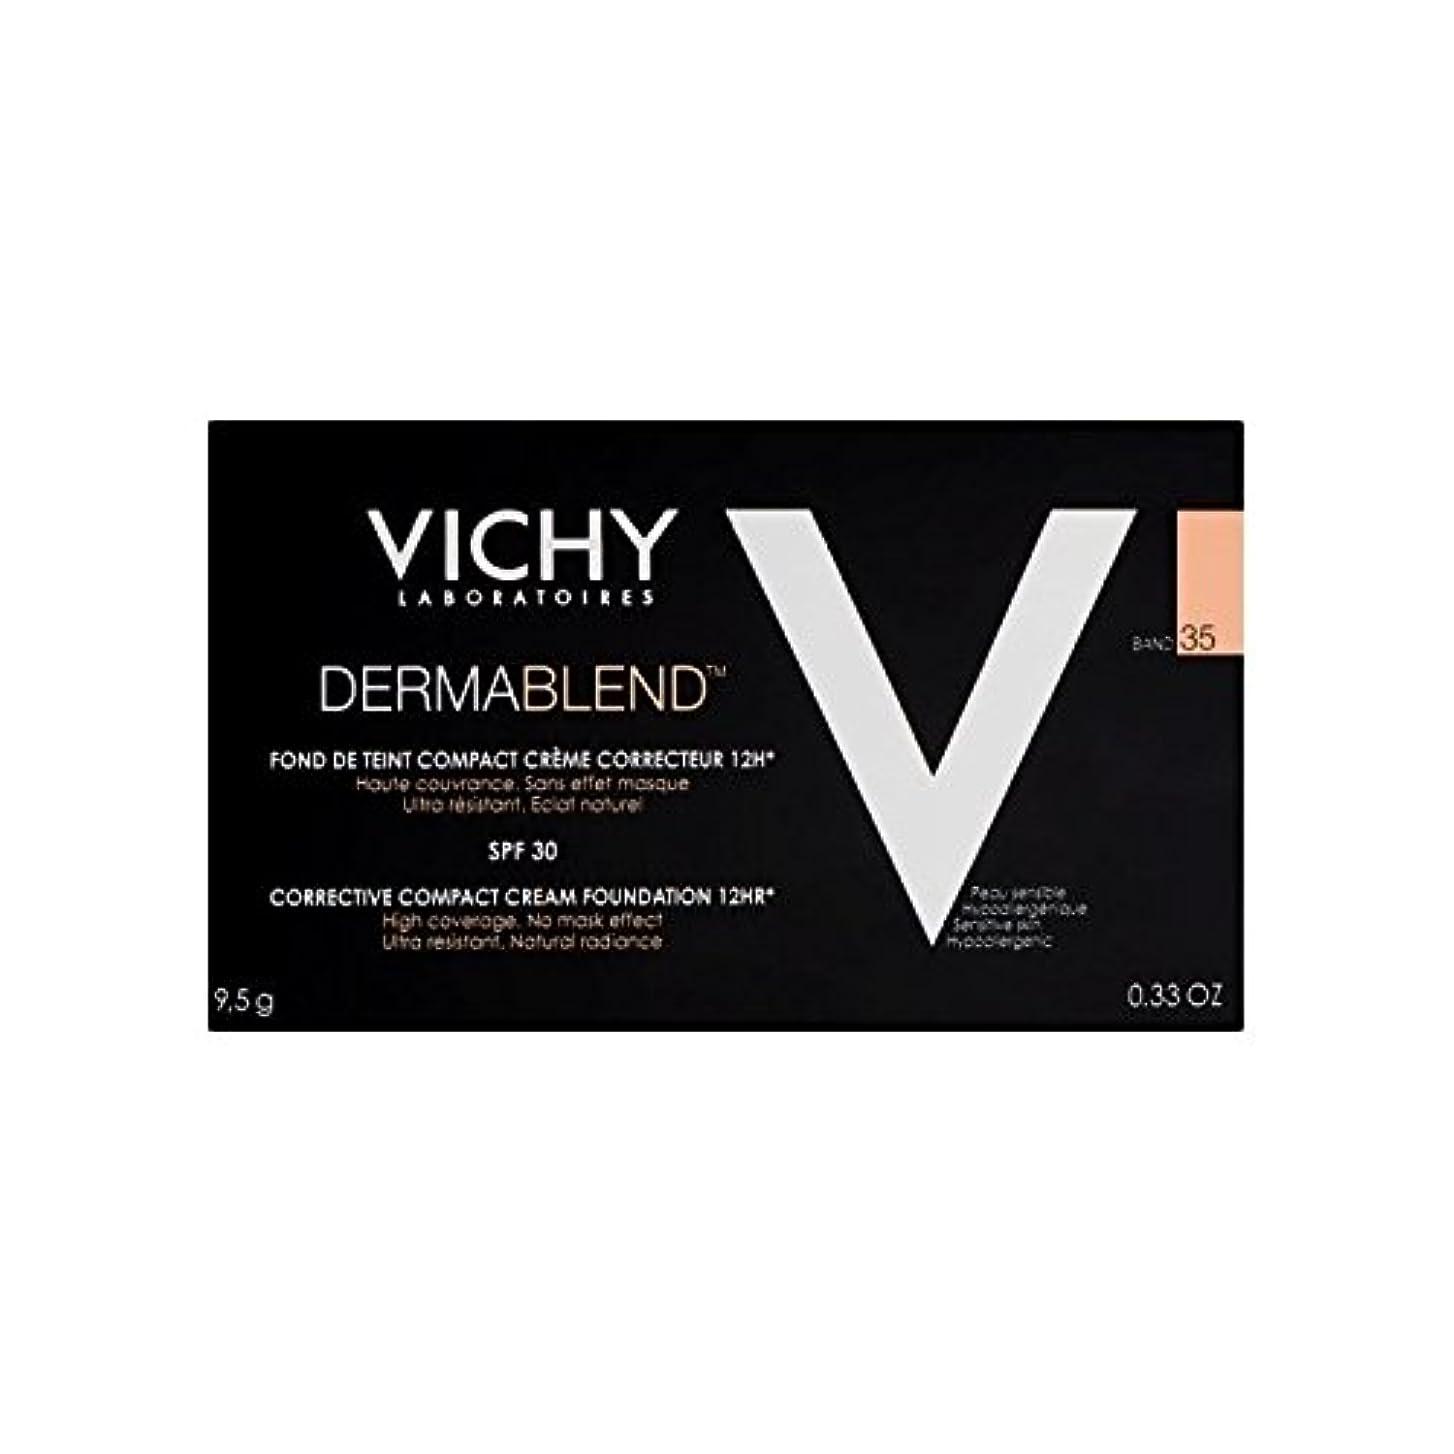 化学薬品首謀者反対するヴィシー是正コンパクトクリームファンデーション砂35 x4 - Vichy Dermablend Corrective Compact Cream Foundation Sand 35 (Pack of 4) [並行輸入品]